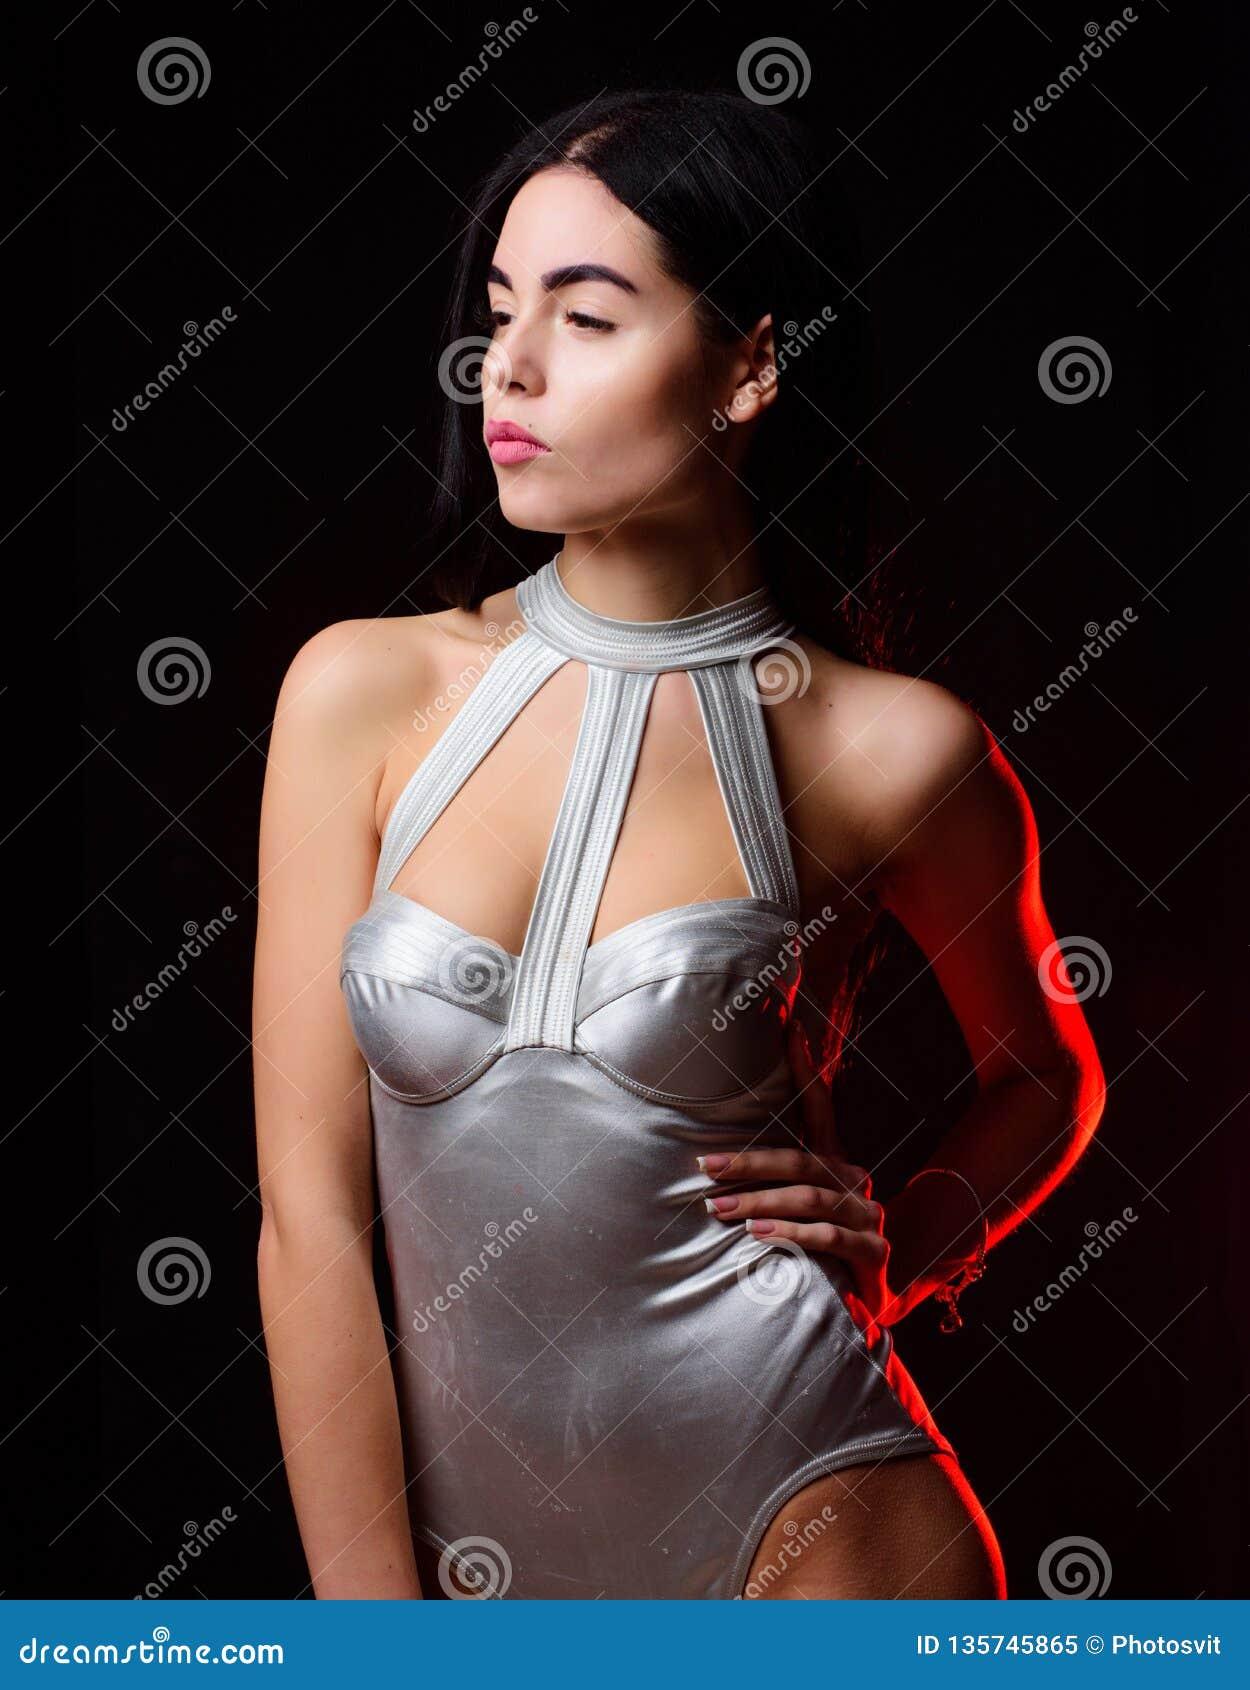 Ομοιόμορφο μαύρο υπόβαθρο διαστημοπλοίων γυναικείας ένδυσης προκλητικό Ασημένιο μοντέρνο lingerie κομπινεζόν ένδυσης γυναικών Κοσ